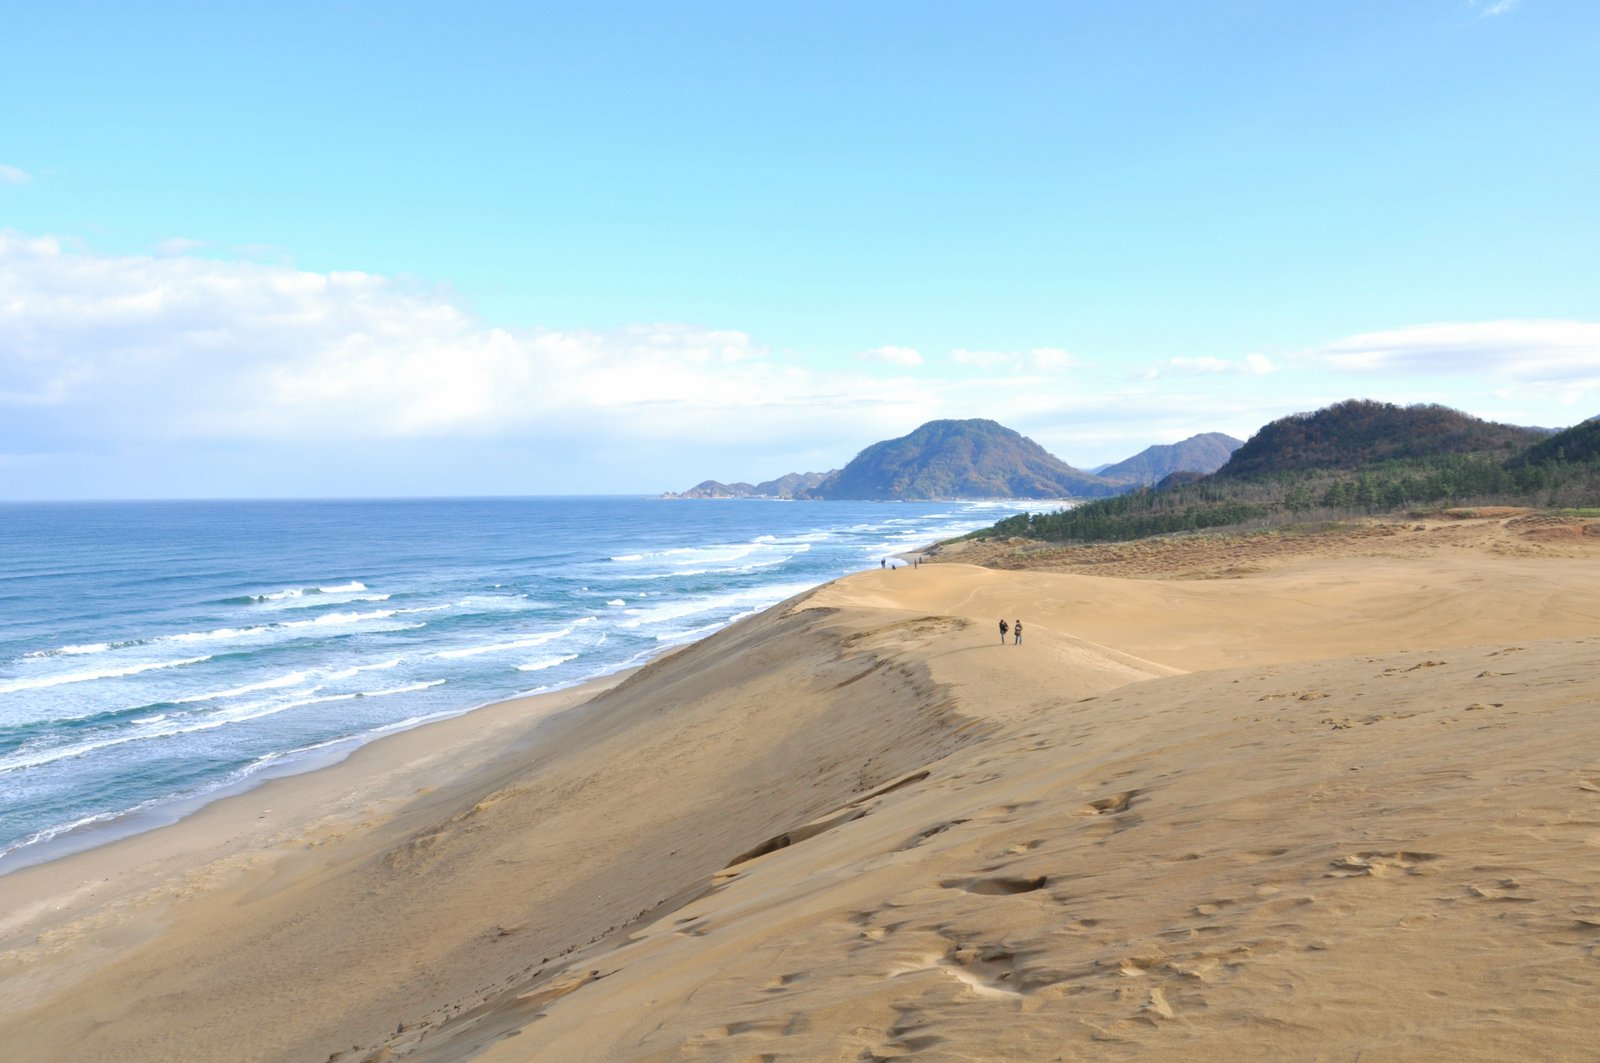 Les dunes de sable de Tottori sur les bords de la mer du Japon